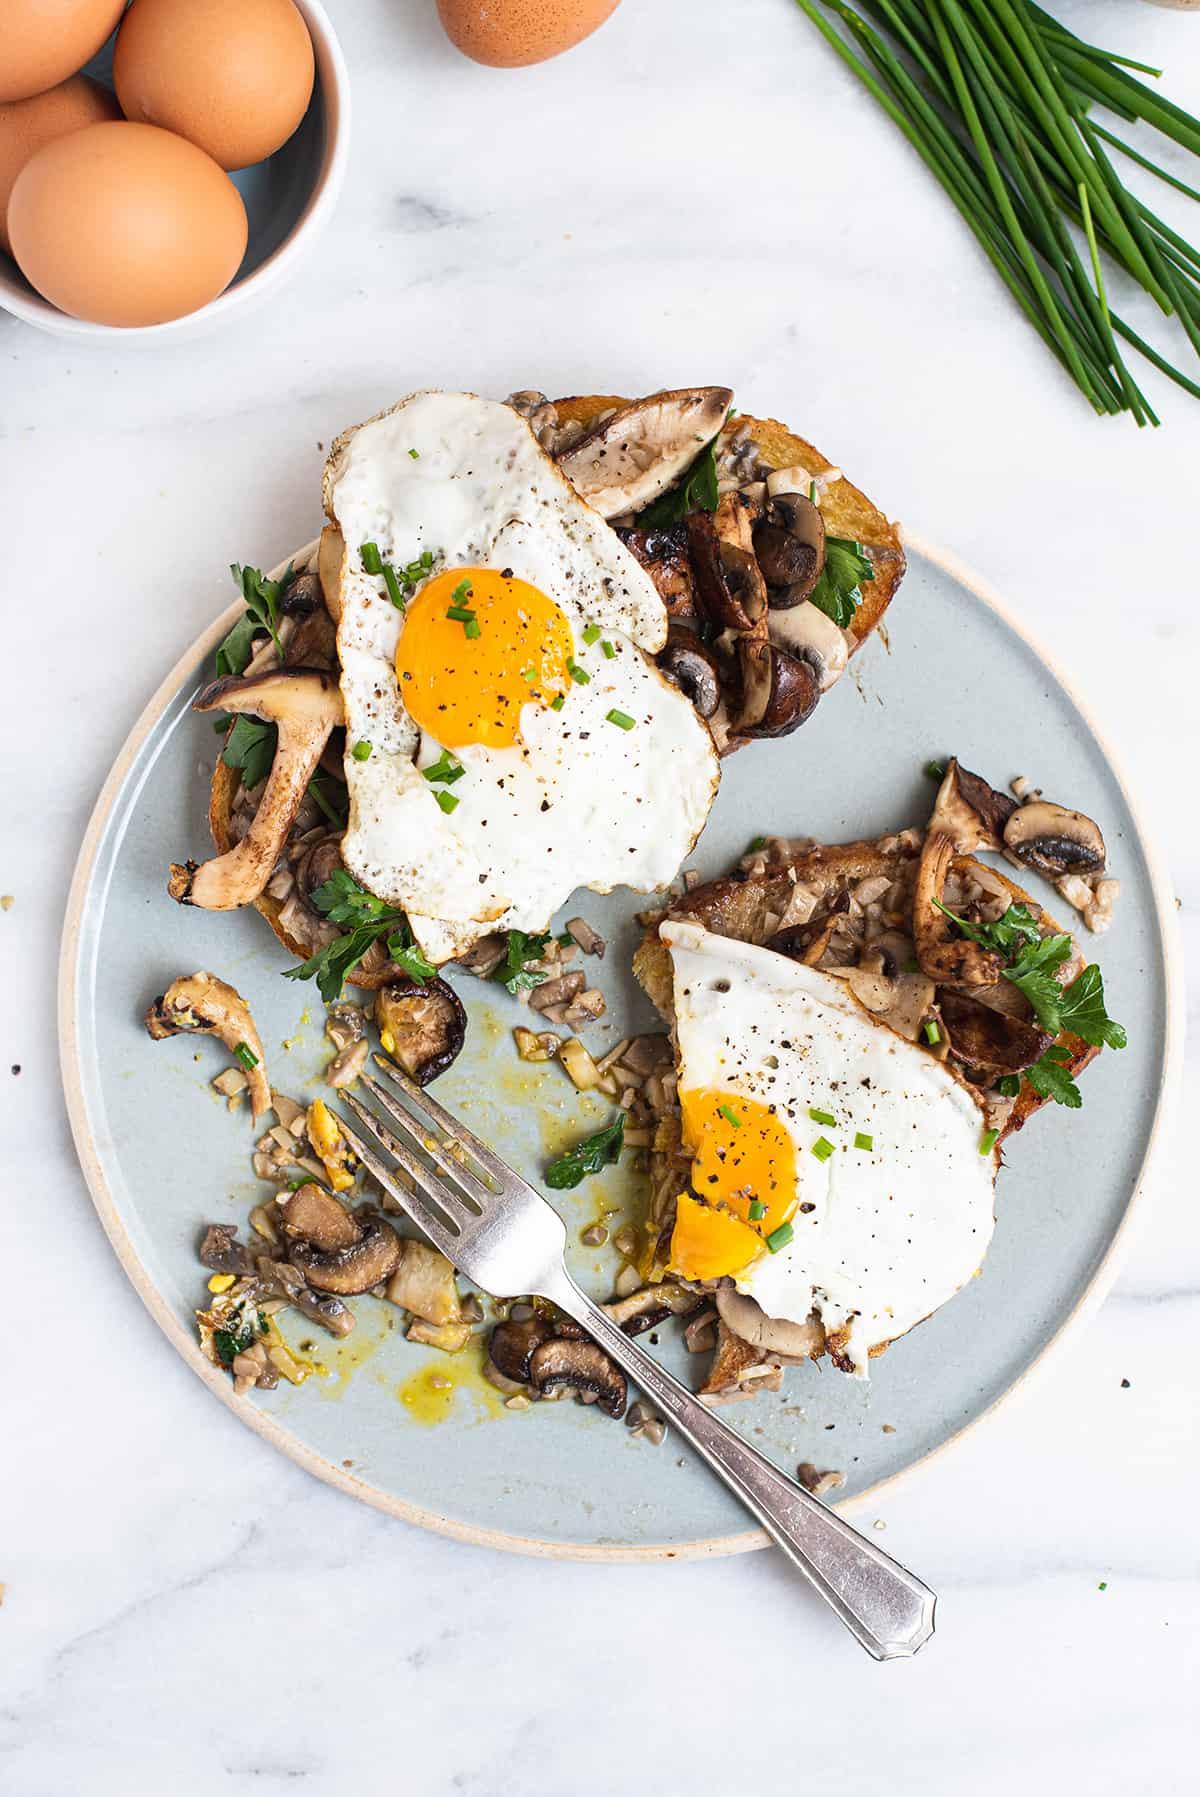 half eaten mushroom toasts on blue plate with fork